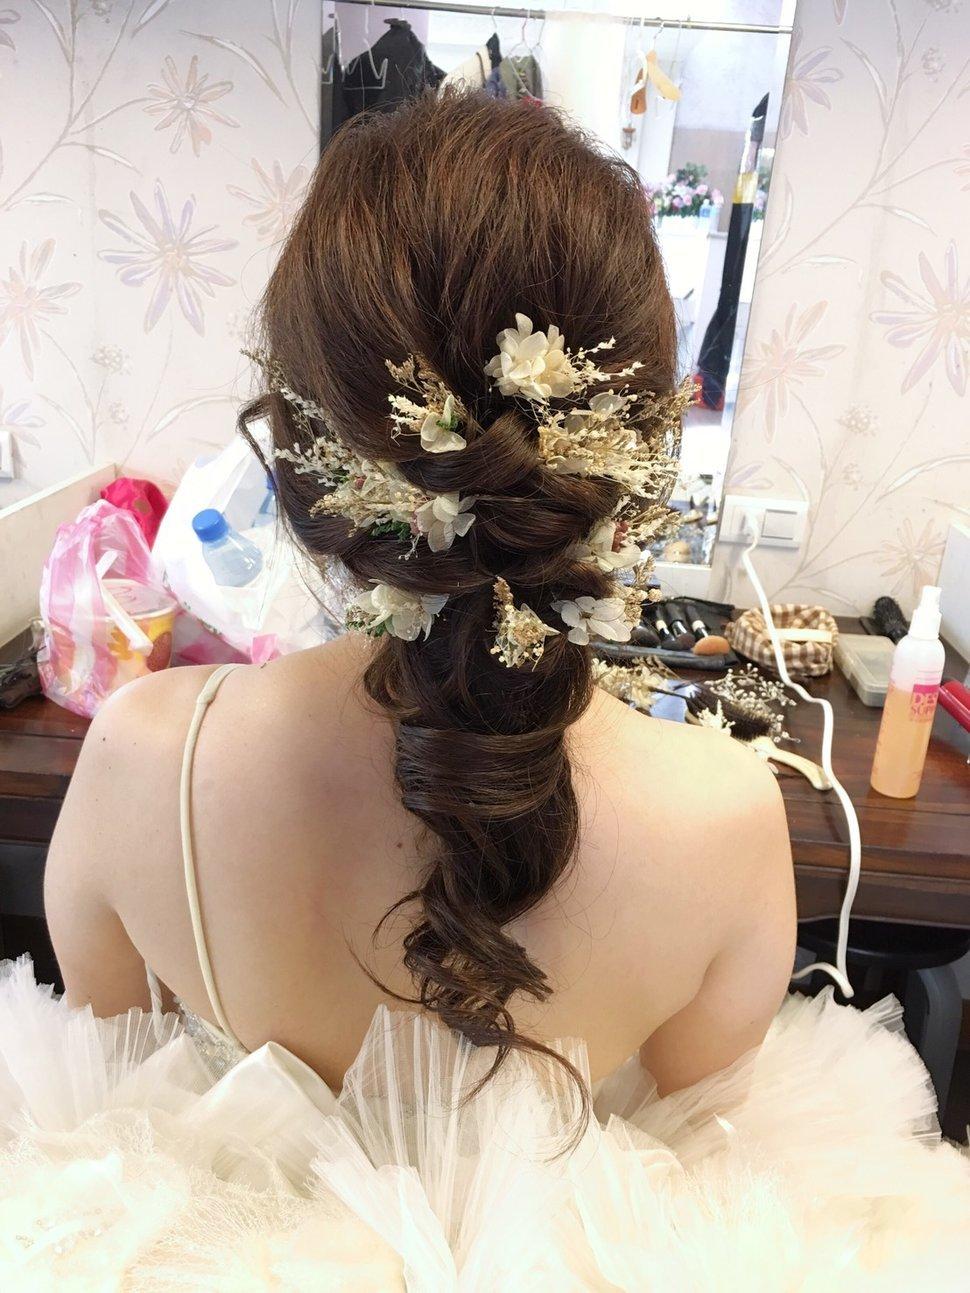 【工事-臻。】好喜翻!!(編號:429034) - 整體造形師-瑩榛 春之嫁衣 - 結婚吧一站式婚禮服務平台